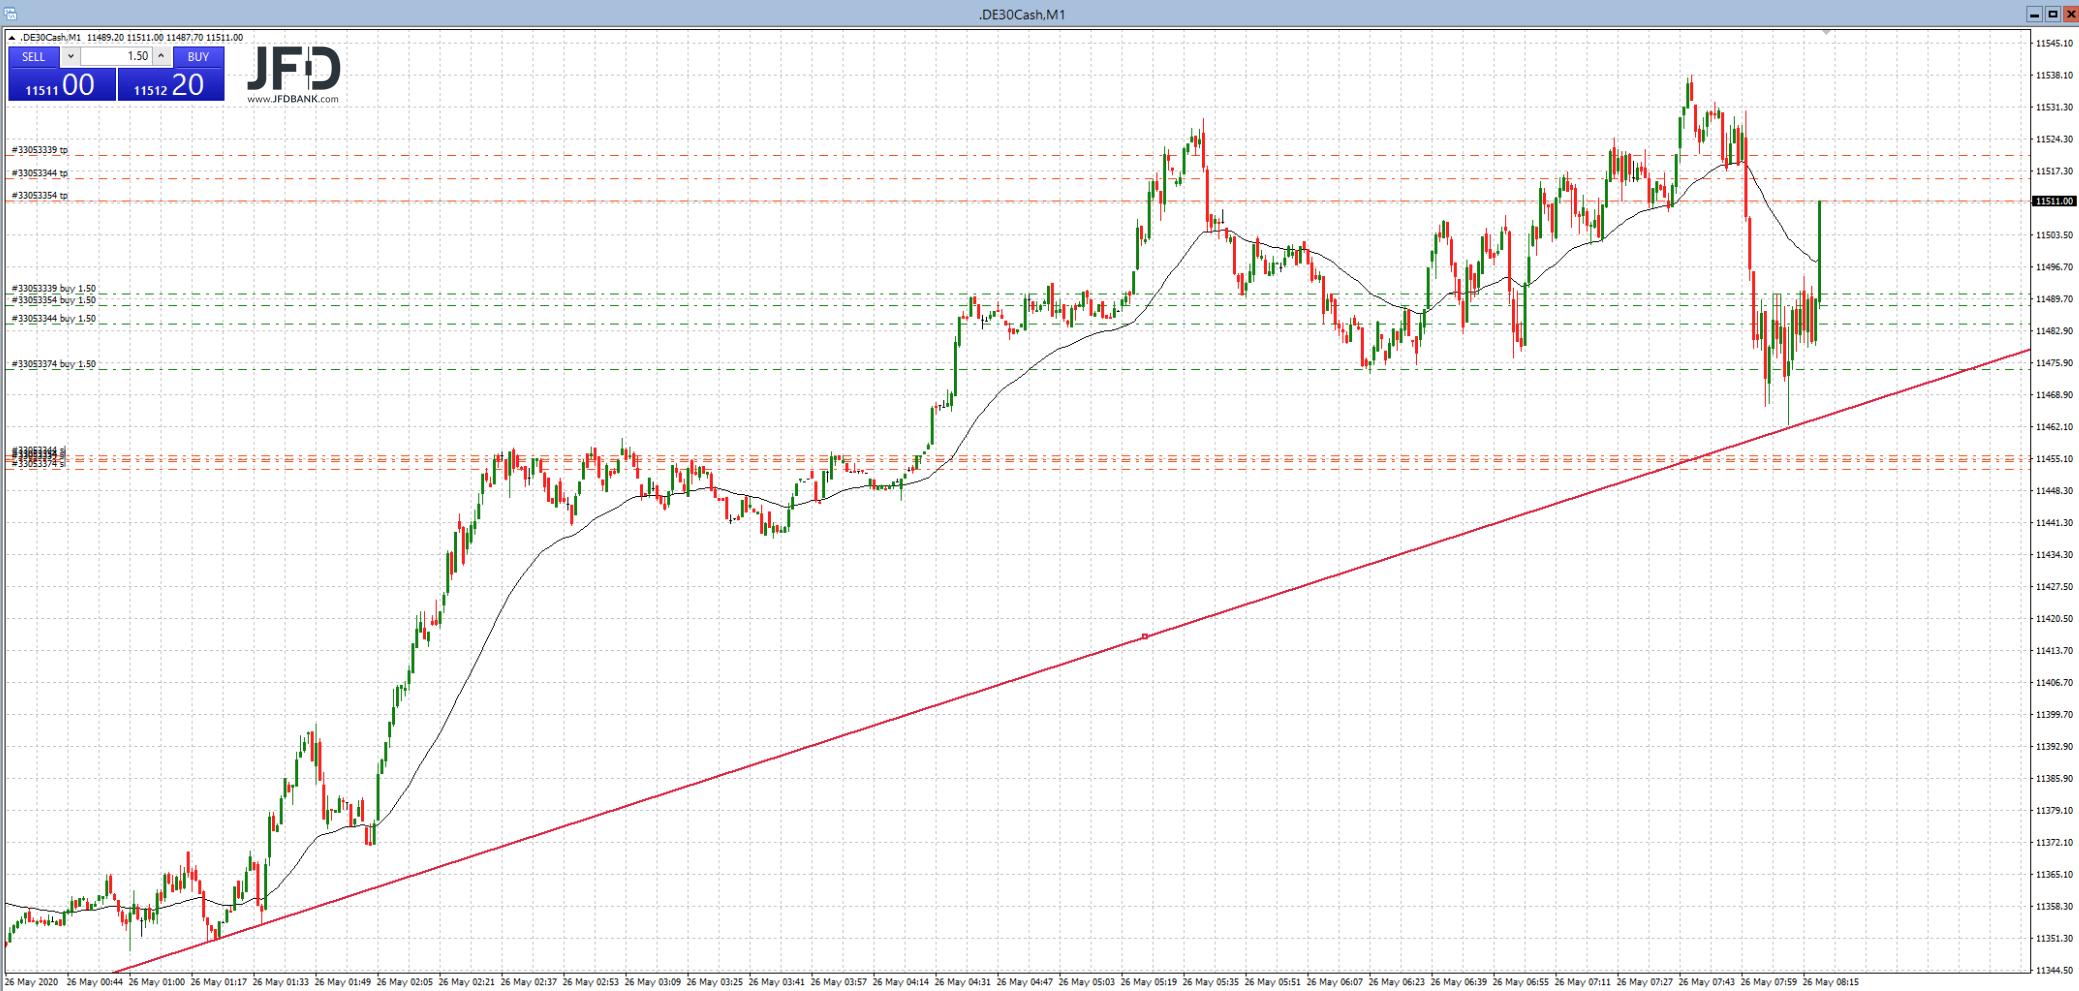 DAX-Trading auf der Long-Seite